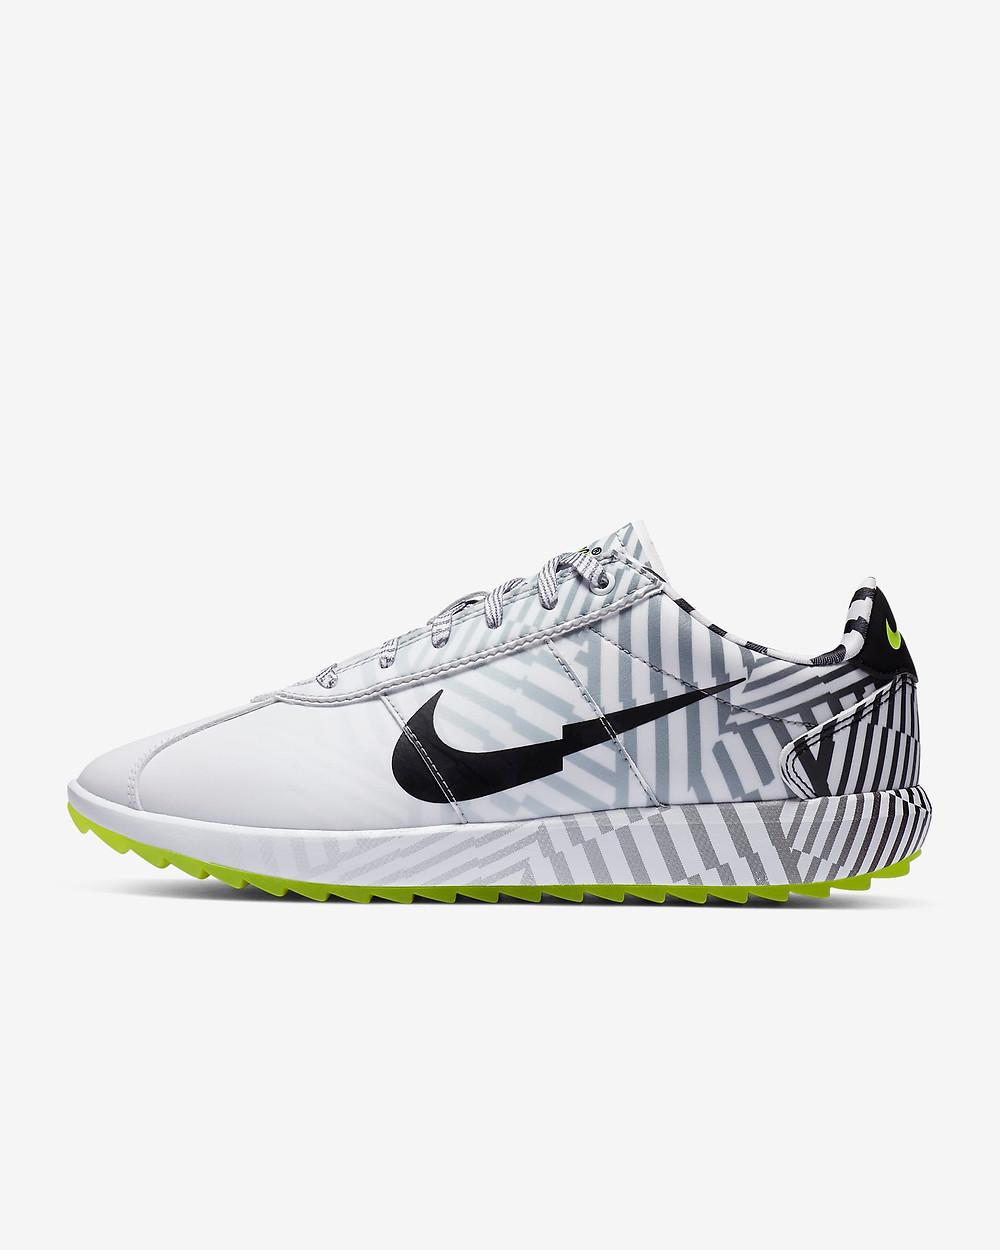 scarpa da golf nike cortez g